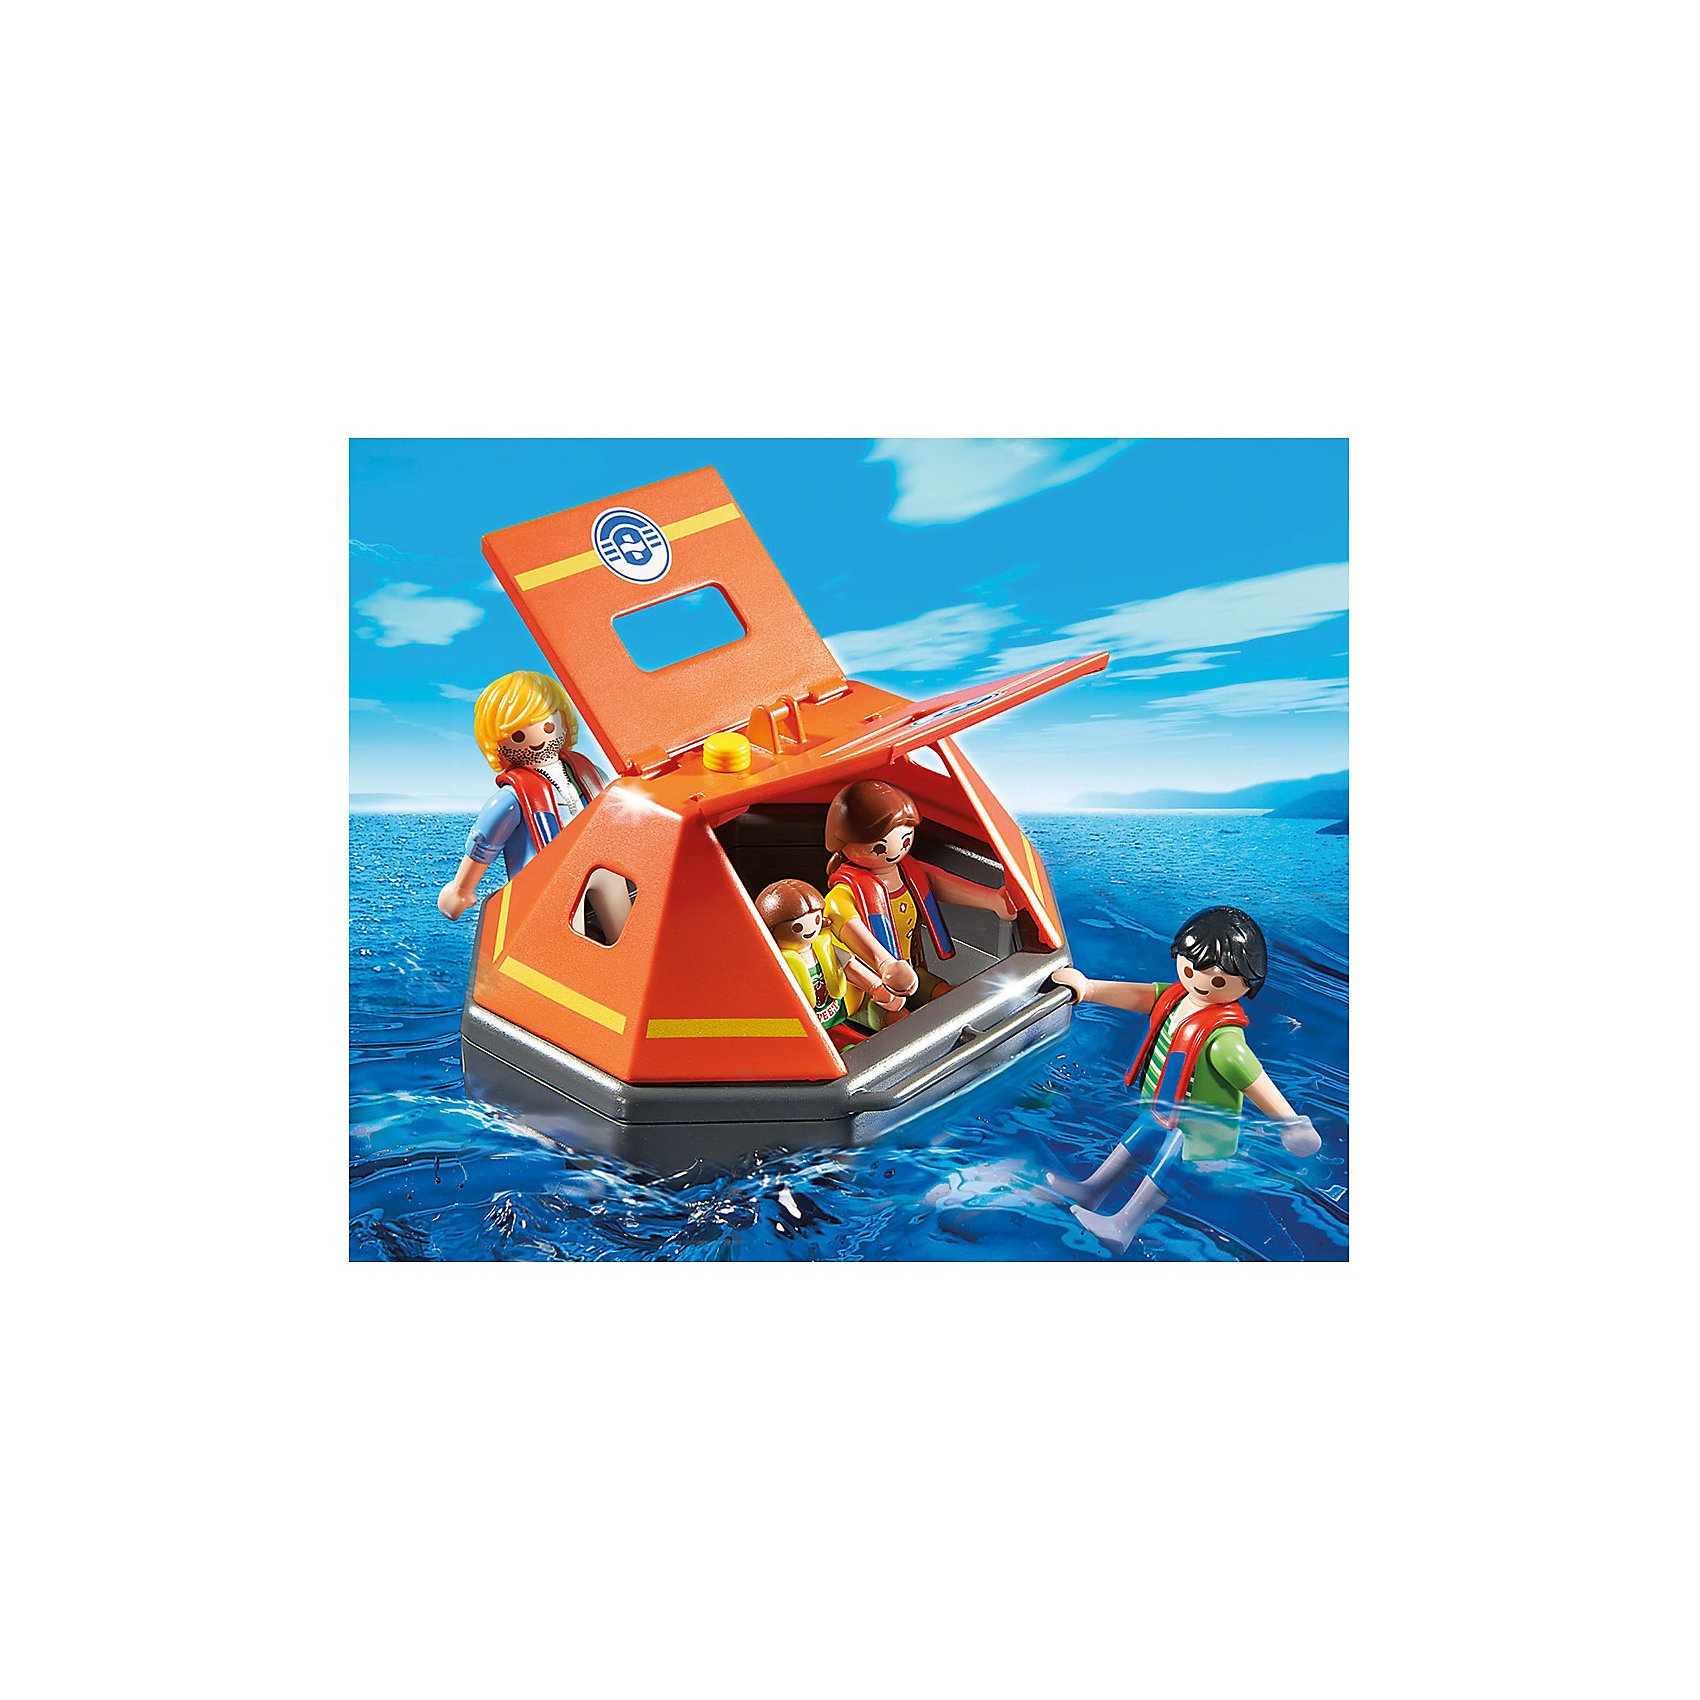 PLAYMOBIL 5545 Береговая охрана: Спасательный плотКонструктор PLAYMOBIL (Плеймобил) 5545 Береговая охрана: Спасательный плот - находка для заботливых родителей! Конструктор Вашего ребенка должен быть именно таким: красочным, безопасным и очень интересным. Серия Береговая охрана посвящена важной работе команды, которая следит за безопасностью судов и пассажиров во вверенной ей акватории. У службы много техники и оборудования с помощью которого они с успехом проводят сложные спасательные операции на воде. Четверо пассажиров спасаются после кораблекрушения на спасательном плоту. Они надели спасательные жилеты и двигаются к берегу. Плот отлично держится на воде и специально оборудован, чтобы защитить людей от дождя и ветра. Если выглянуло яркое солнце, боковины плота можно открыть. С помощью этого замечательного набора Вы сможете с легкостью показать ребенку правила поведения на воде. Создай увлекательные сюжеты с набором Спасательный плот или объедини его с другими наборами серии и игра станет еще интереснее. Придумывая замечательные сюжеты с деталями конструктора, Ваш ребенок развивает фантазию, учится заботе и просто прекрасно проводит время!<br><br>Дополнительная информация:<br><br>- Конструкторы PLAYMOBIL (Плеймобил) отлично развивают мелкую моторику, фантазию и воображение;<br>- В наборе: 4 минифигурки в спасательных жилетах, детали для постройки плота;<br>- Количество деталей: 13 шт;<br>- Материал: безопасный пластик;<br>- Размер минифигурок взрослых: 7,5 см;<br>- Размер минифигурки ребенка: 5,2 см;<br>- Размер упаковки: 20 х 10 х 25 см<br><br>Конструктор PLAYMOBIL (Плеймобил) 5545 Береговая охрана: Спасательный плот можно купить в нашем интернет-магазине.<br><br>Ширина мм: 255<br>Глубина мм: 205<br>Высота мм: 104<br>Вес г: 257<br>Возраст от месяцев: 48<br>Возраст до месяцев: 120<br>Пол: Мужской<br>Возраст: Детский<br>SKU: 3350649